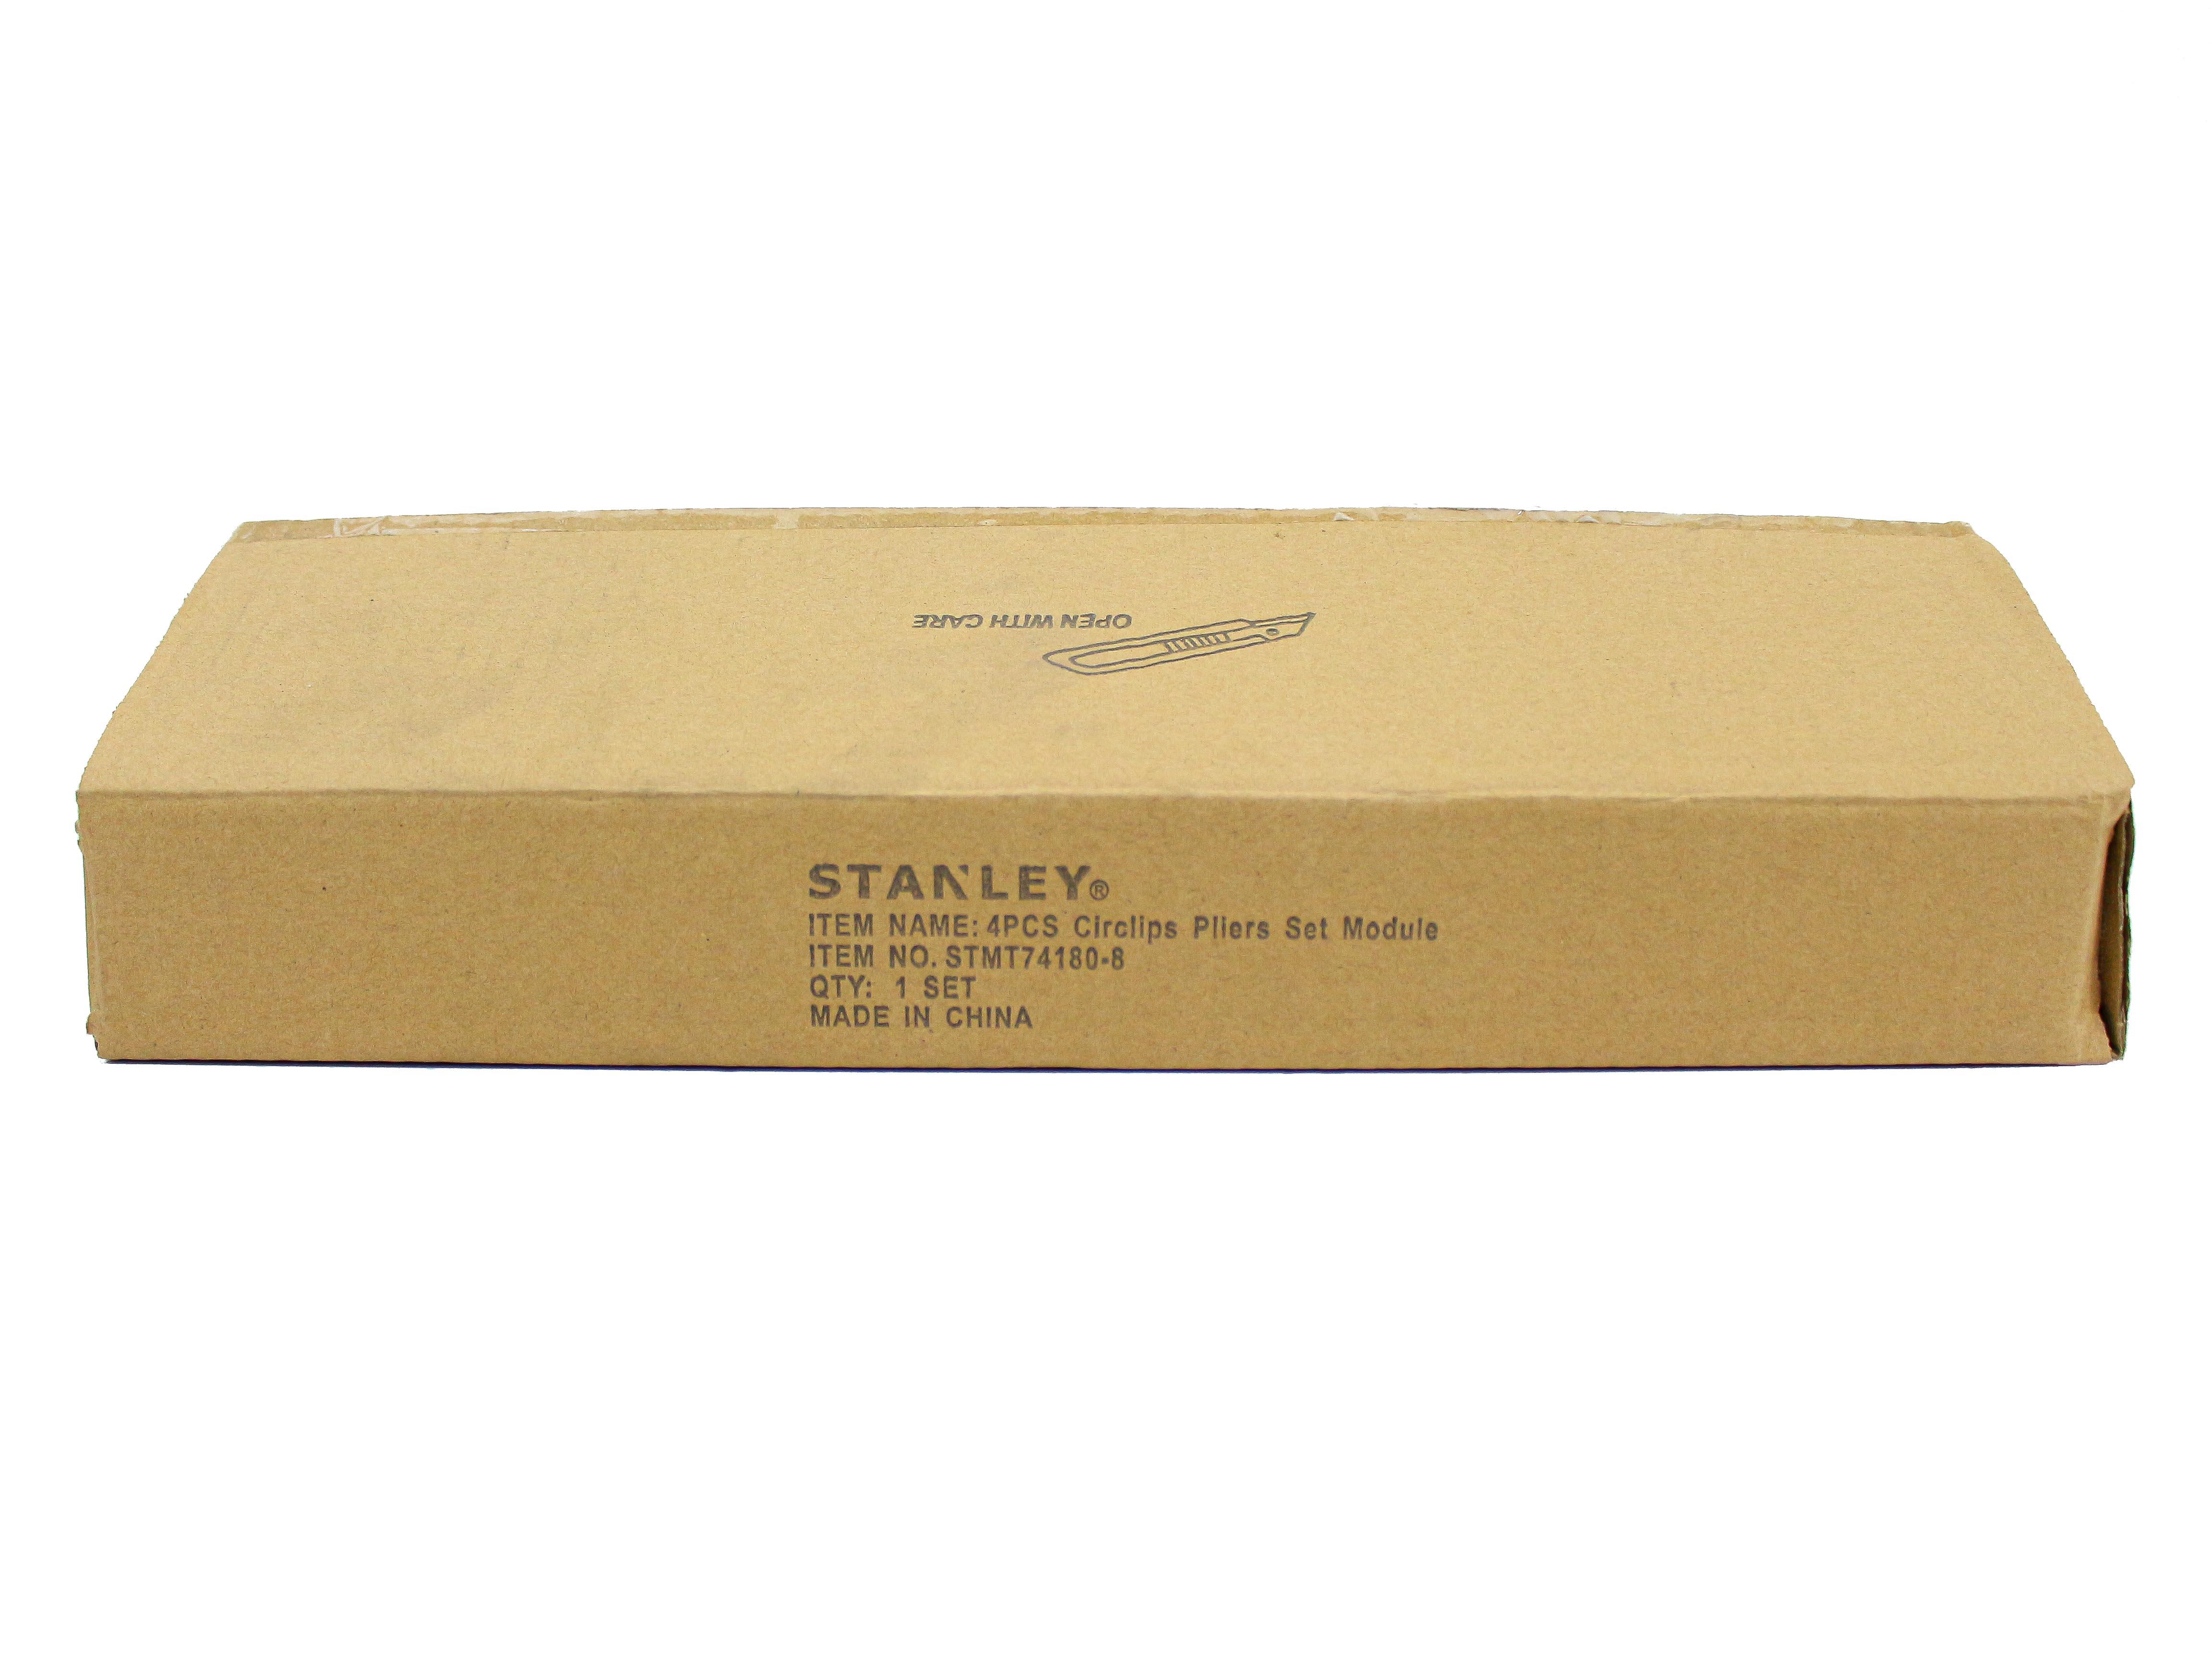 Kềm lấy phe 4 cái Stanley STMT74180-8